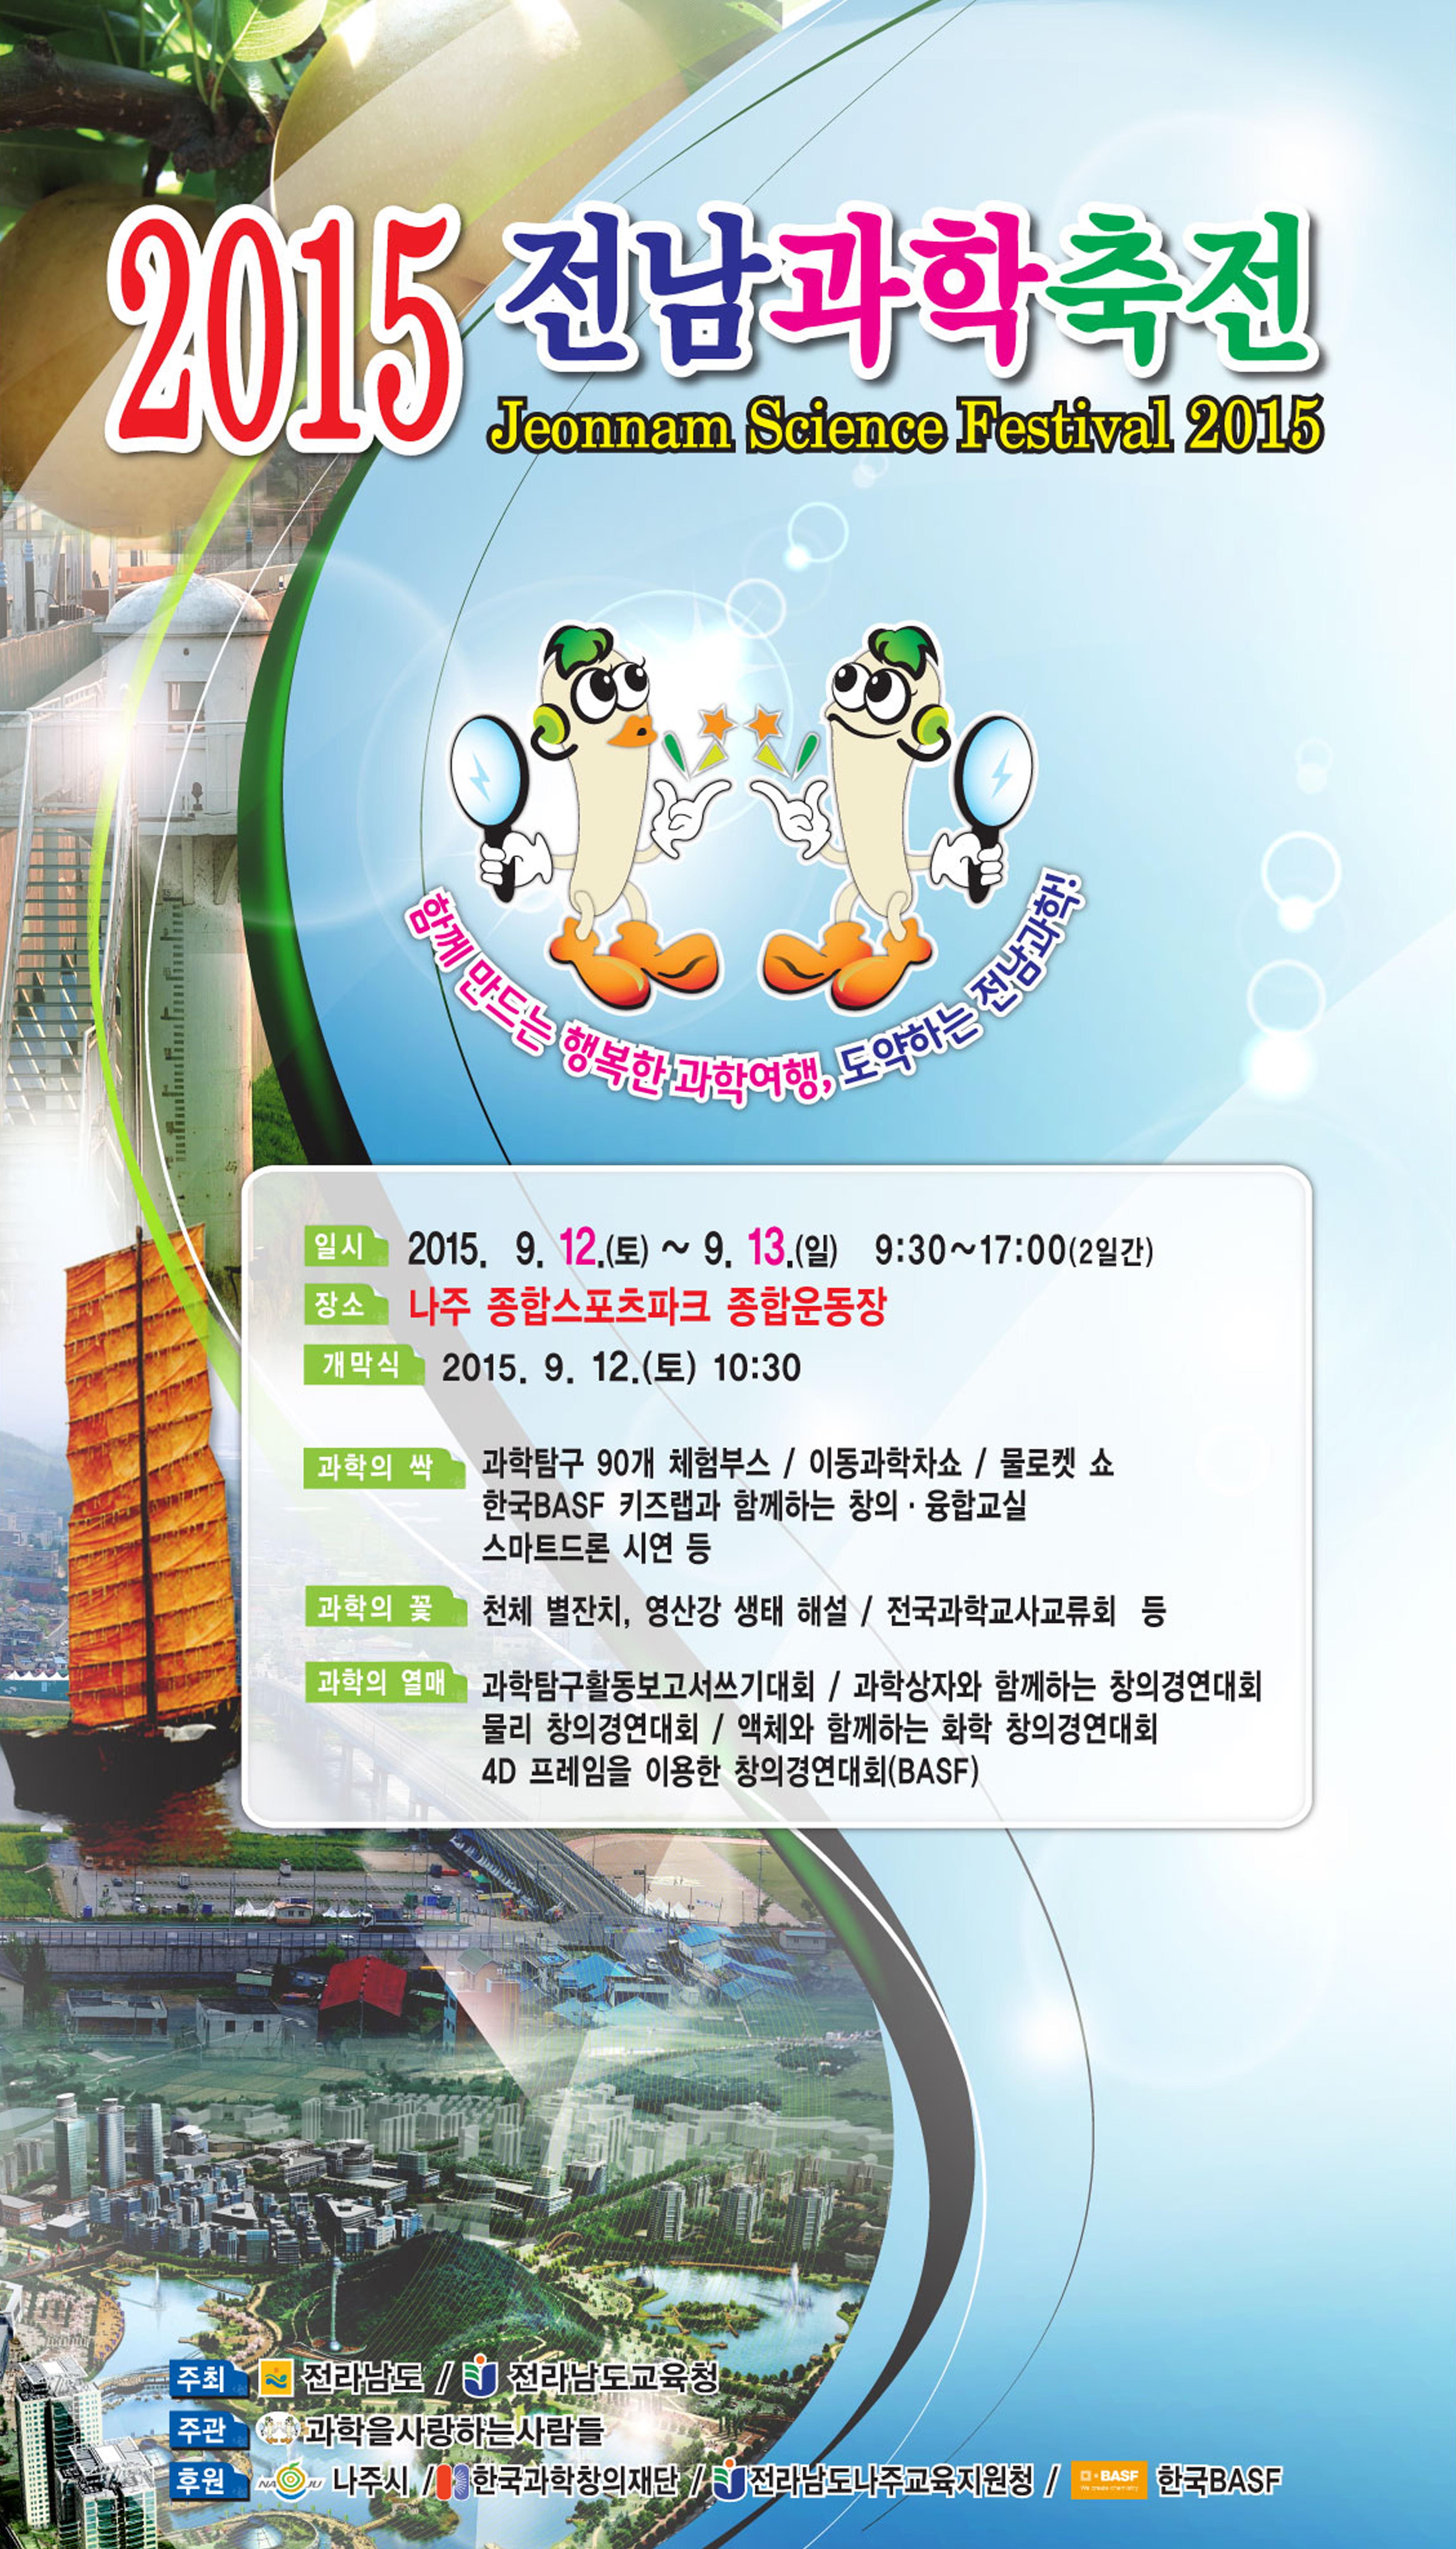 2015.전남과학축전 포스터(배너) 최종.jpg